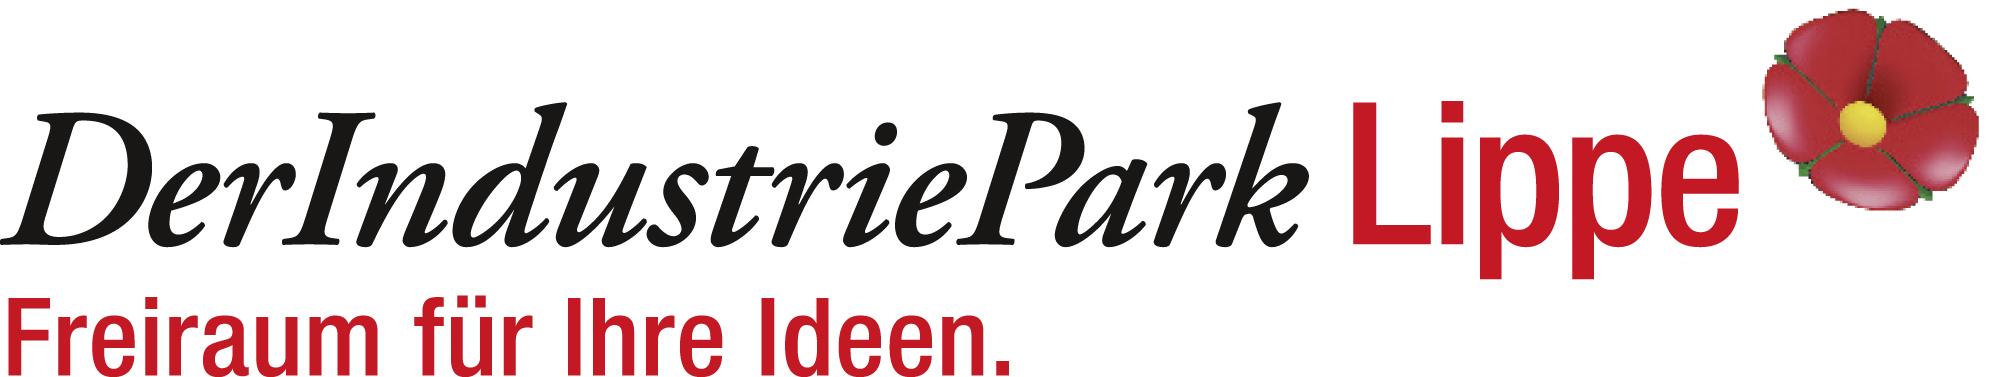 Externer Link: logo_DerIndustrieParkLippe_02